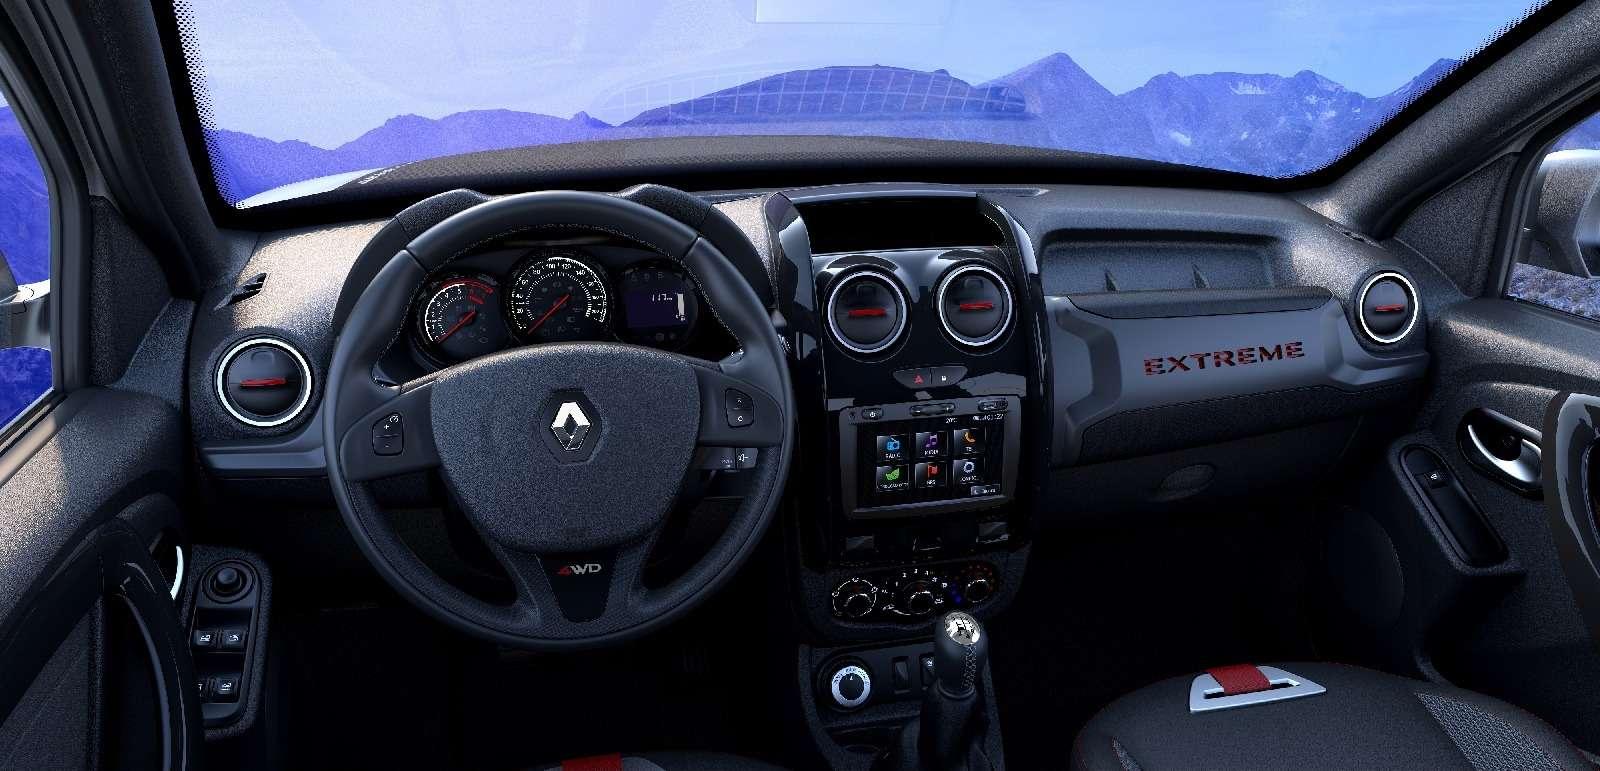 Экстремальный Renault Duster показали невтой стране— фото 661145